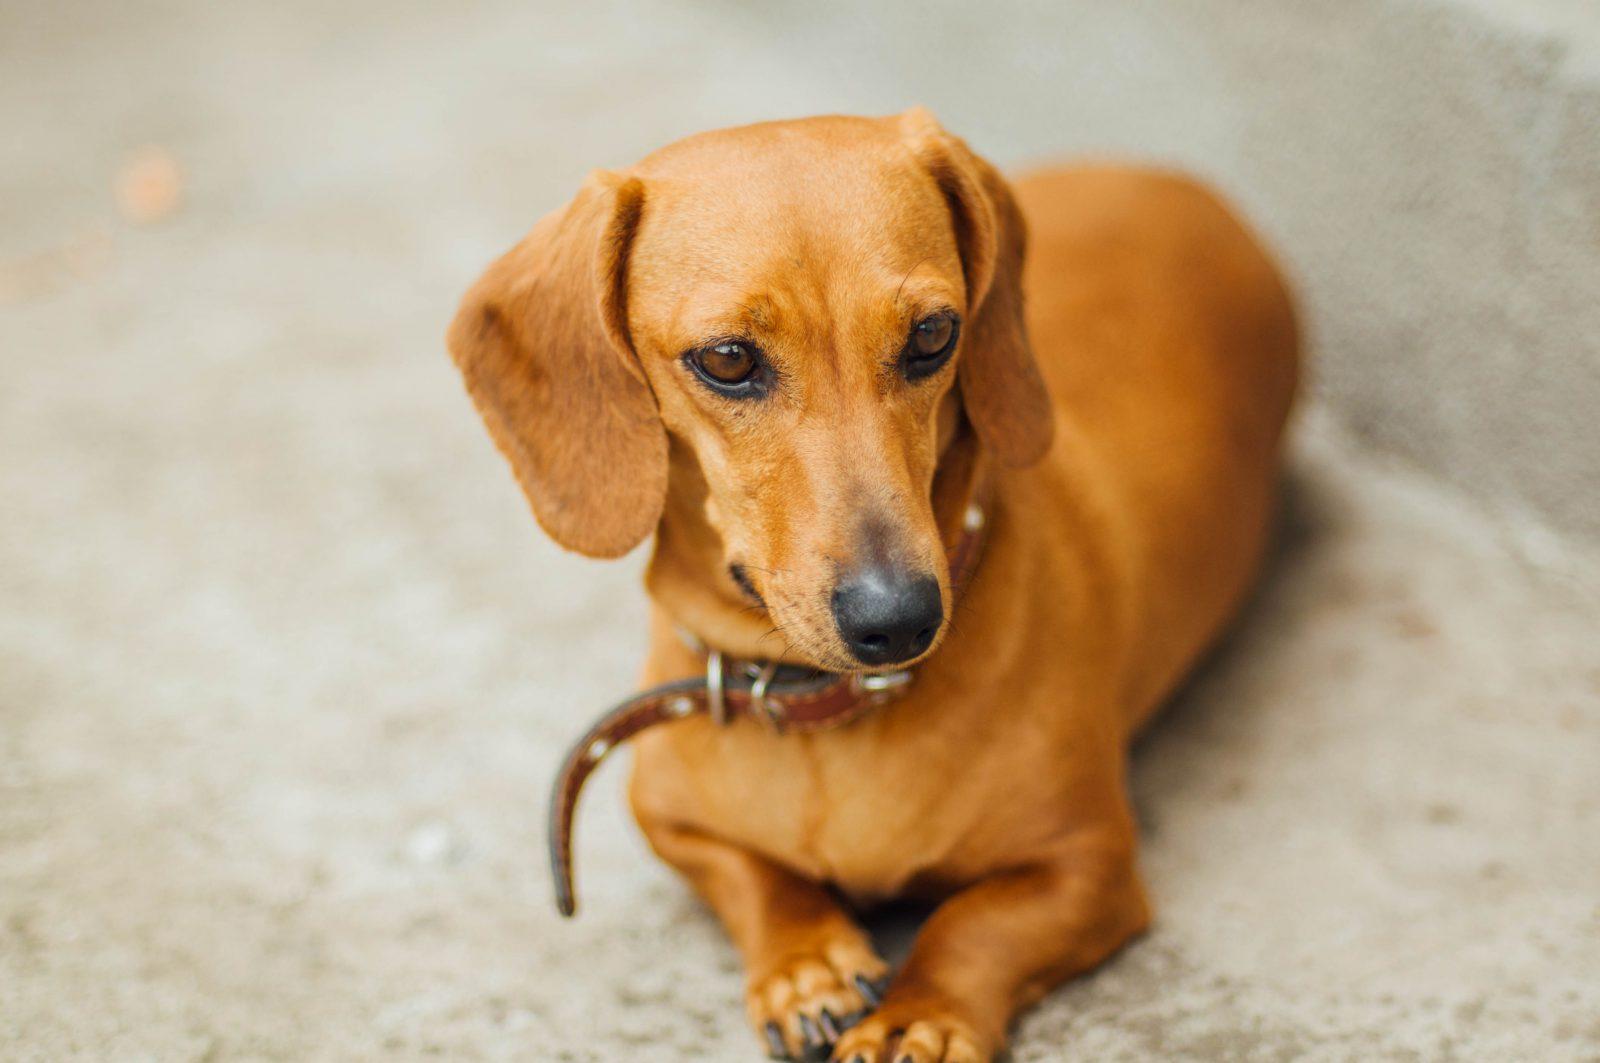 Raça de cachorro mais fiel: Dachshund adulto esperando para passear.